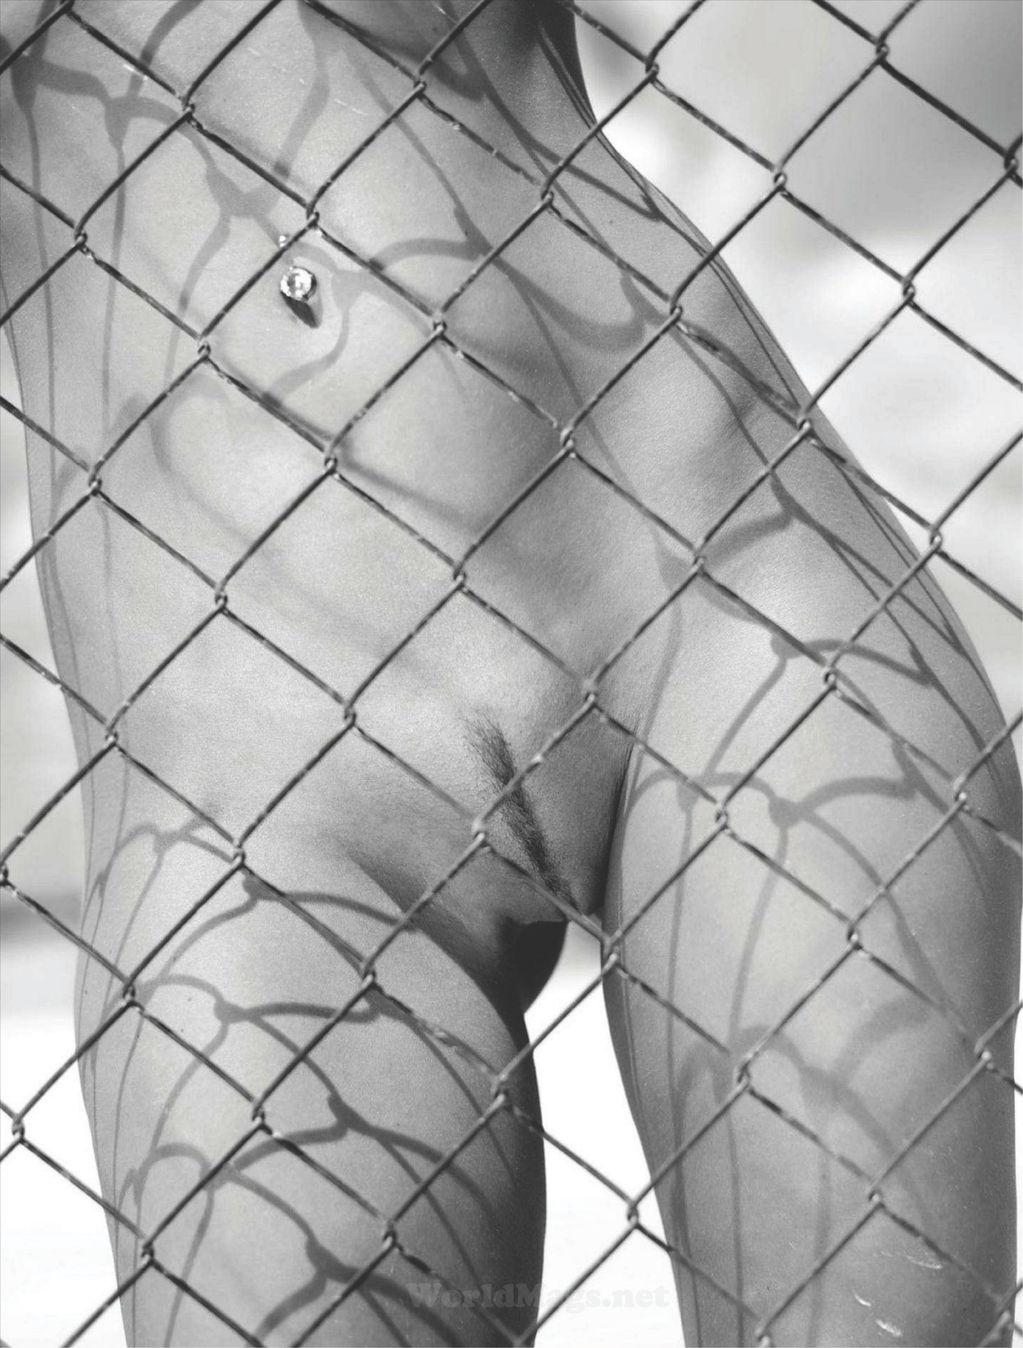 Erkek siki resimleri